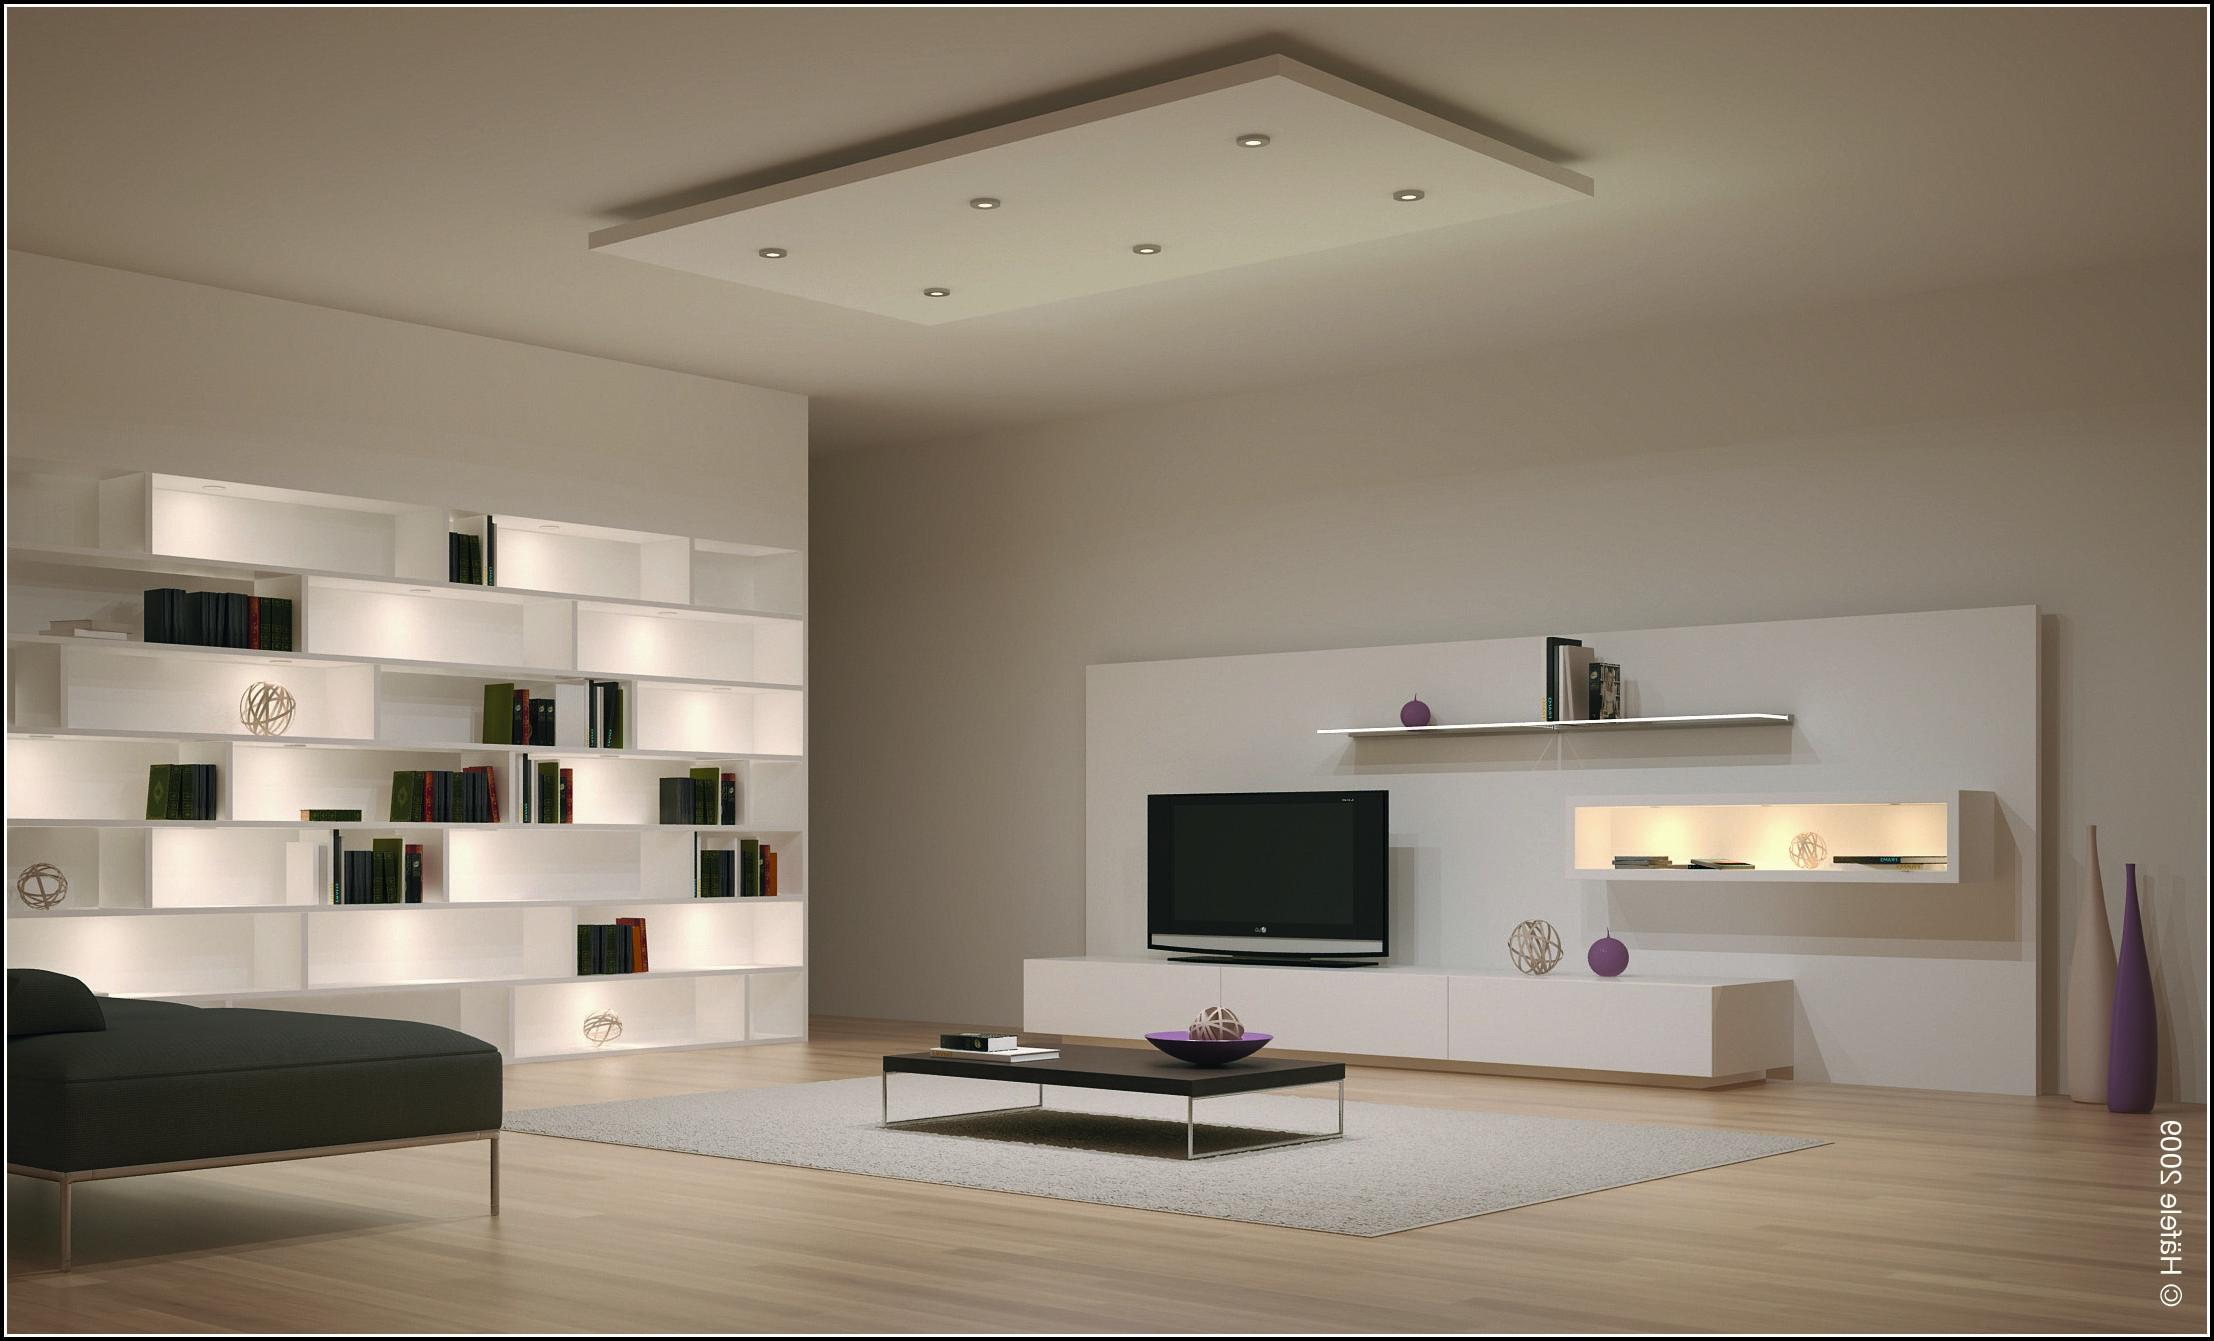 Lampen led wohnzimmer wohnzimmer house und dekor galerie 5nwlwlkkao - Lampen wohnzimmer design ...